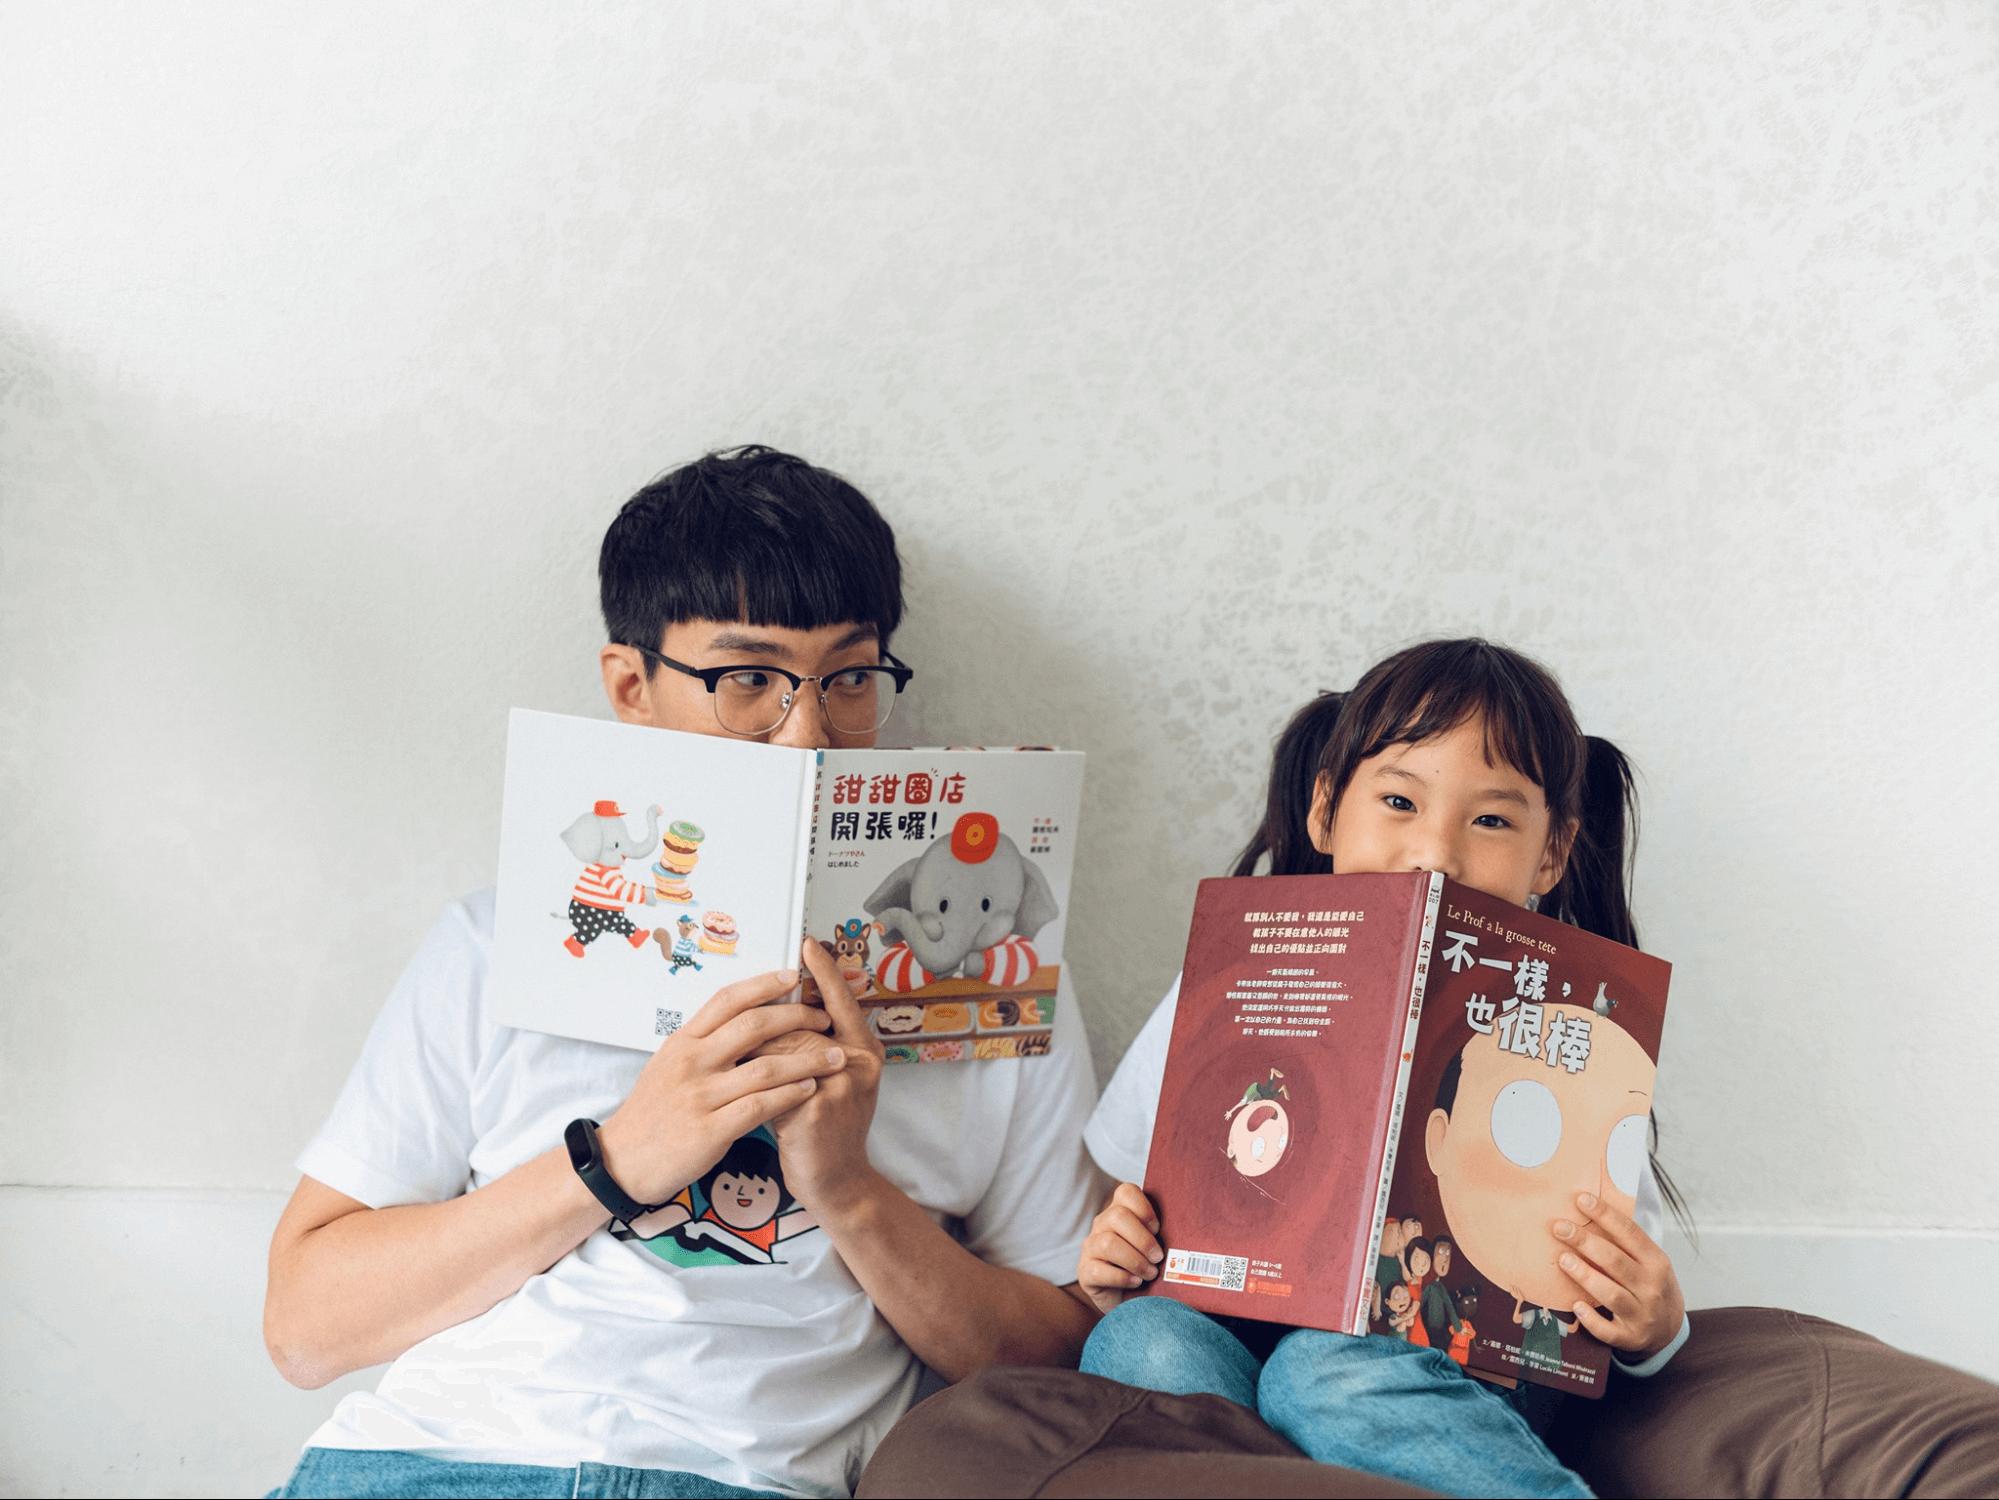 媽爹講故事的華爸與他們的女兒(圖:MOM&DAD)